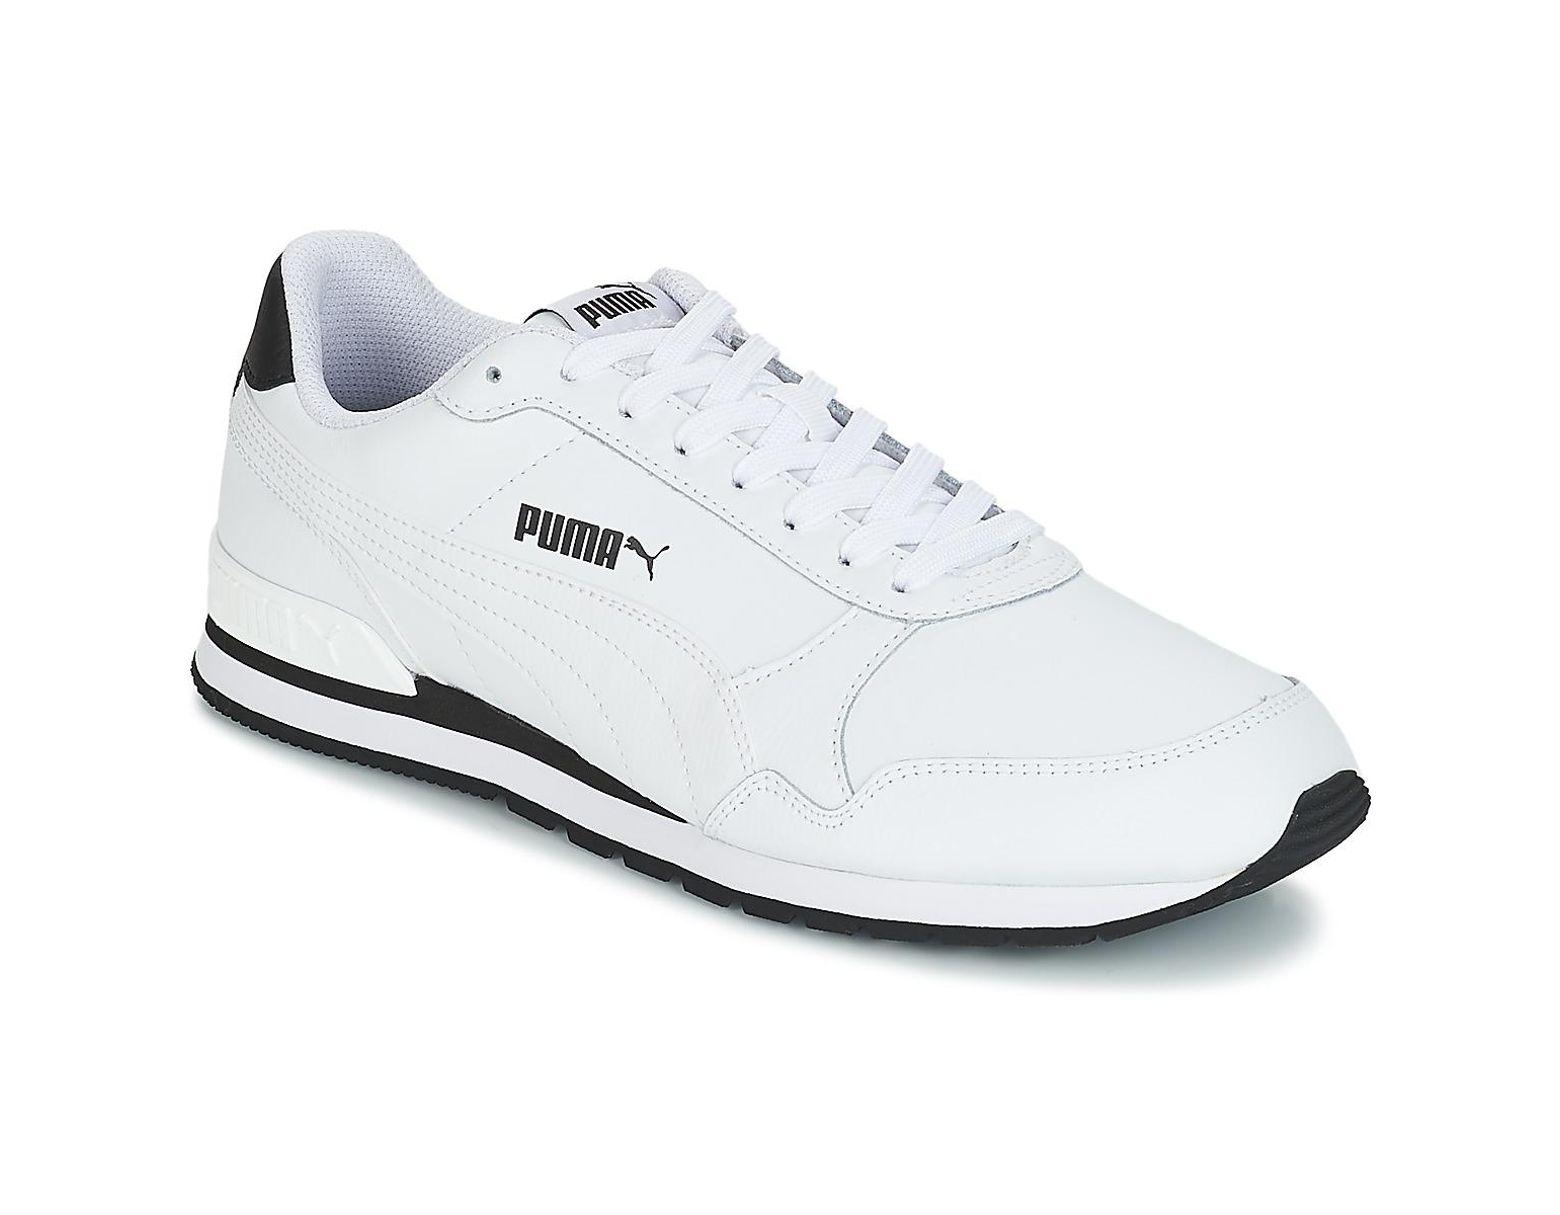 0f8d8087 Men's White St Runner V2 Ful.wht Shoes (trainers)